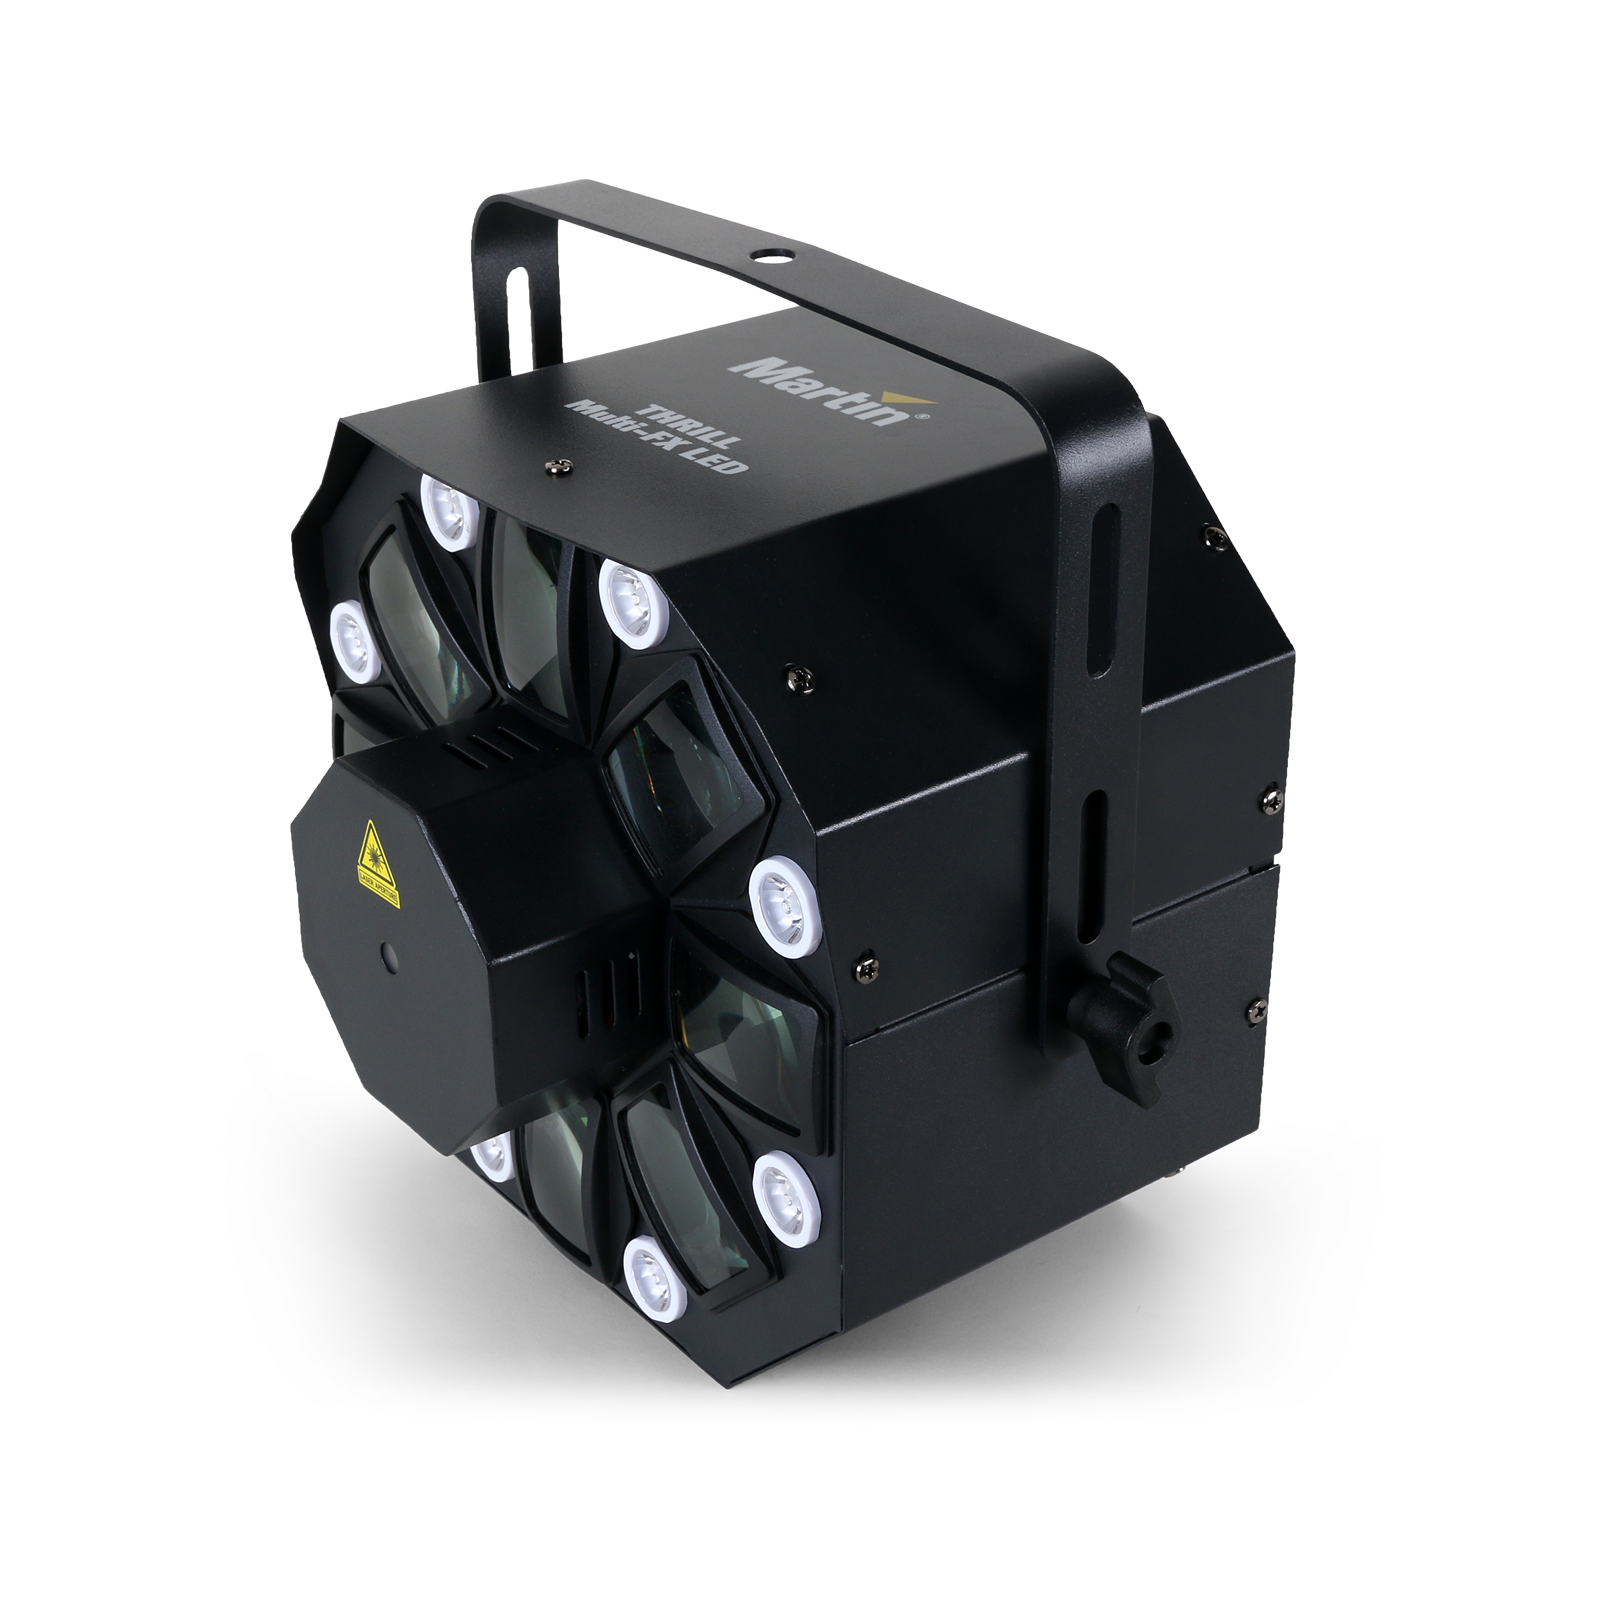 THRILL Multi-FX LED (B-Stock) - Black - Hybrid effect light—multibeam, laser, strobe - Hero